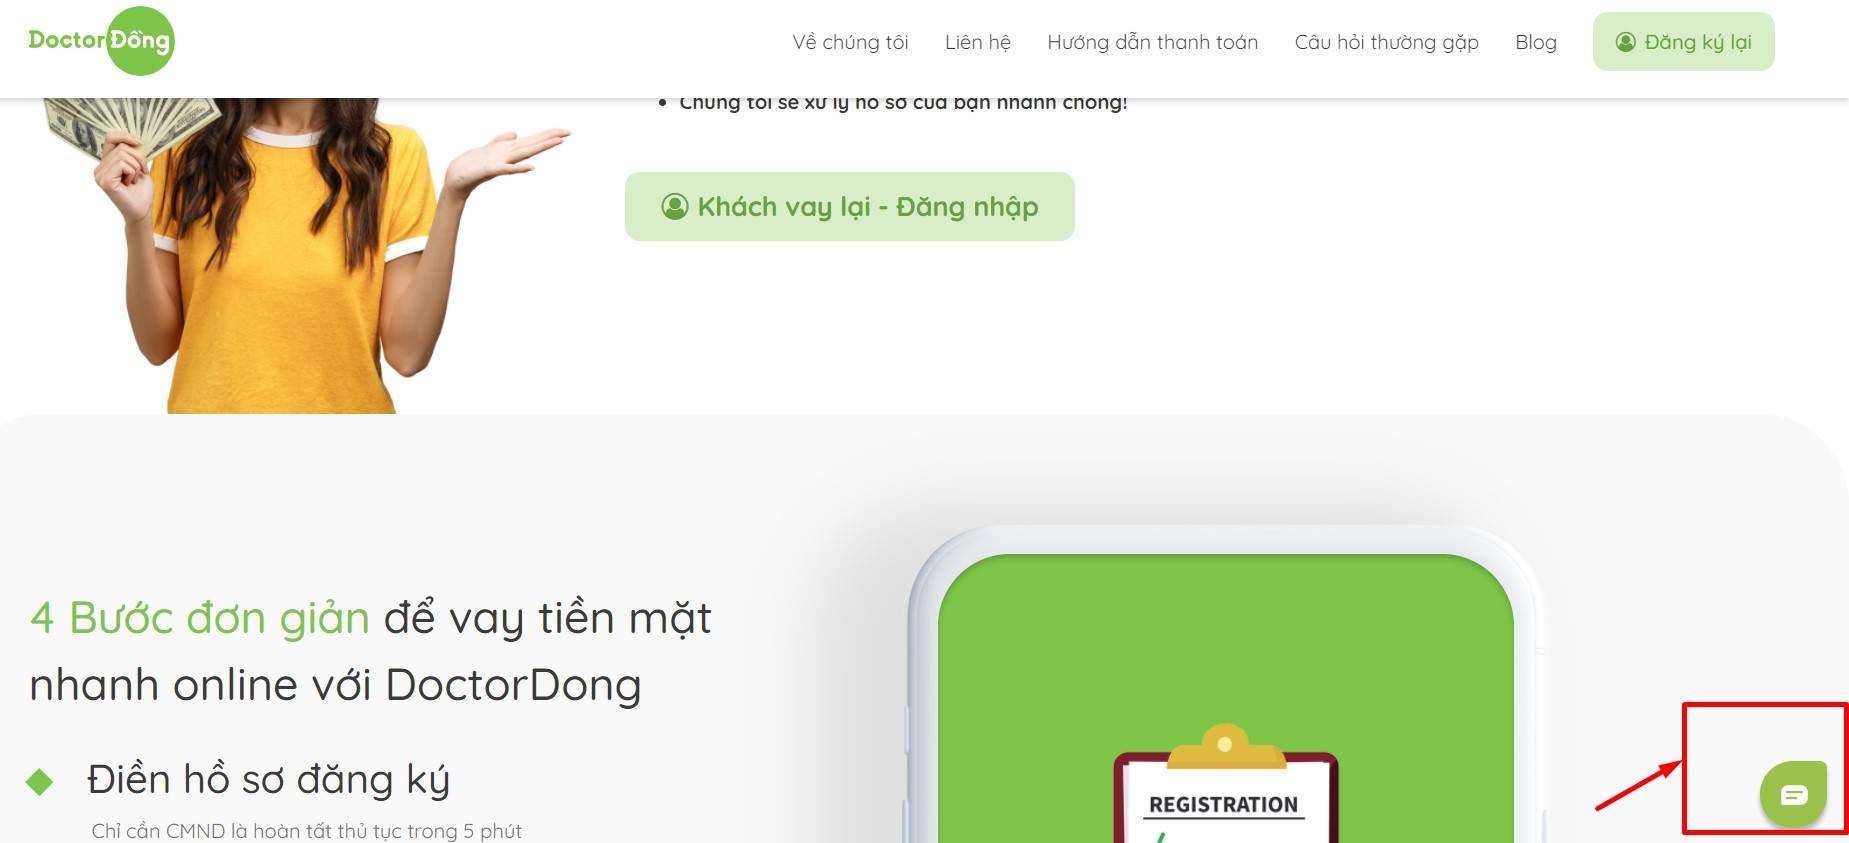 Liên hệ Doctor Đồng qua website